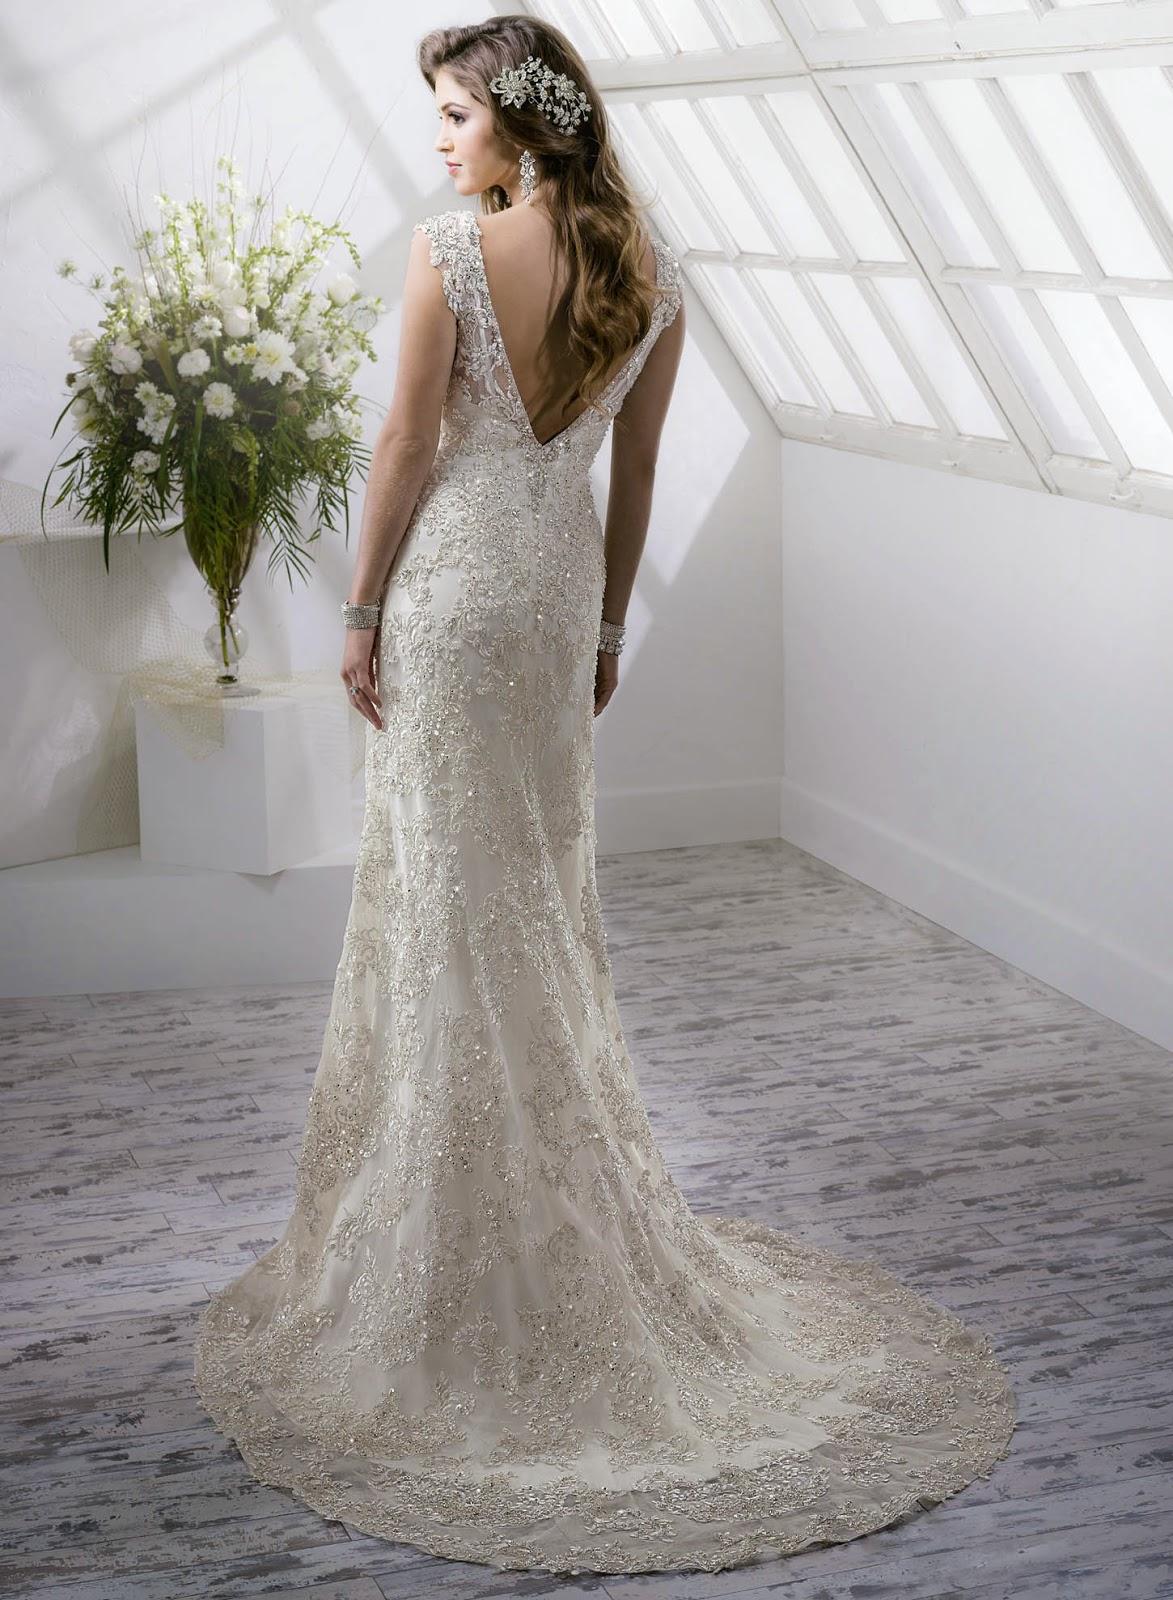 Brautkleid mit schönem Rücken figurbetont. Hochzeitskleid einem tiefen Ausschnitt am Rücken.